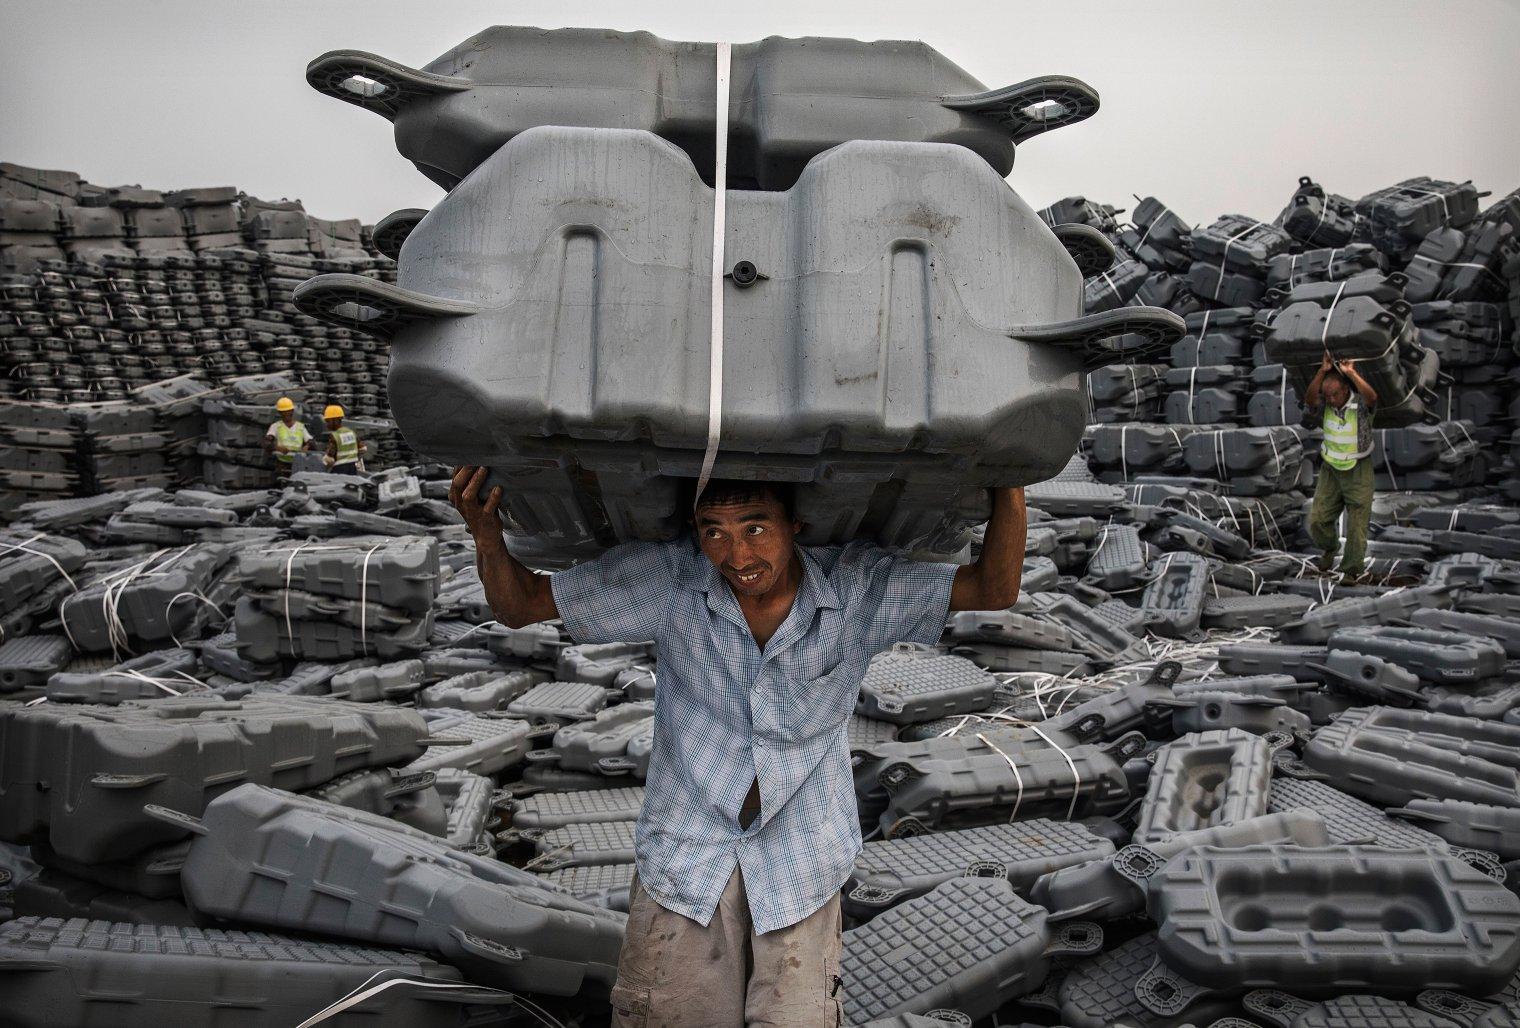 تلاش چین در مسیر تبدیل به بزرگترین تولیدکننده انرژی خورشیدی